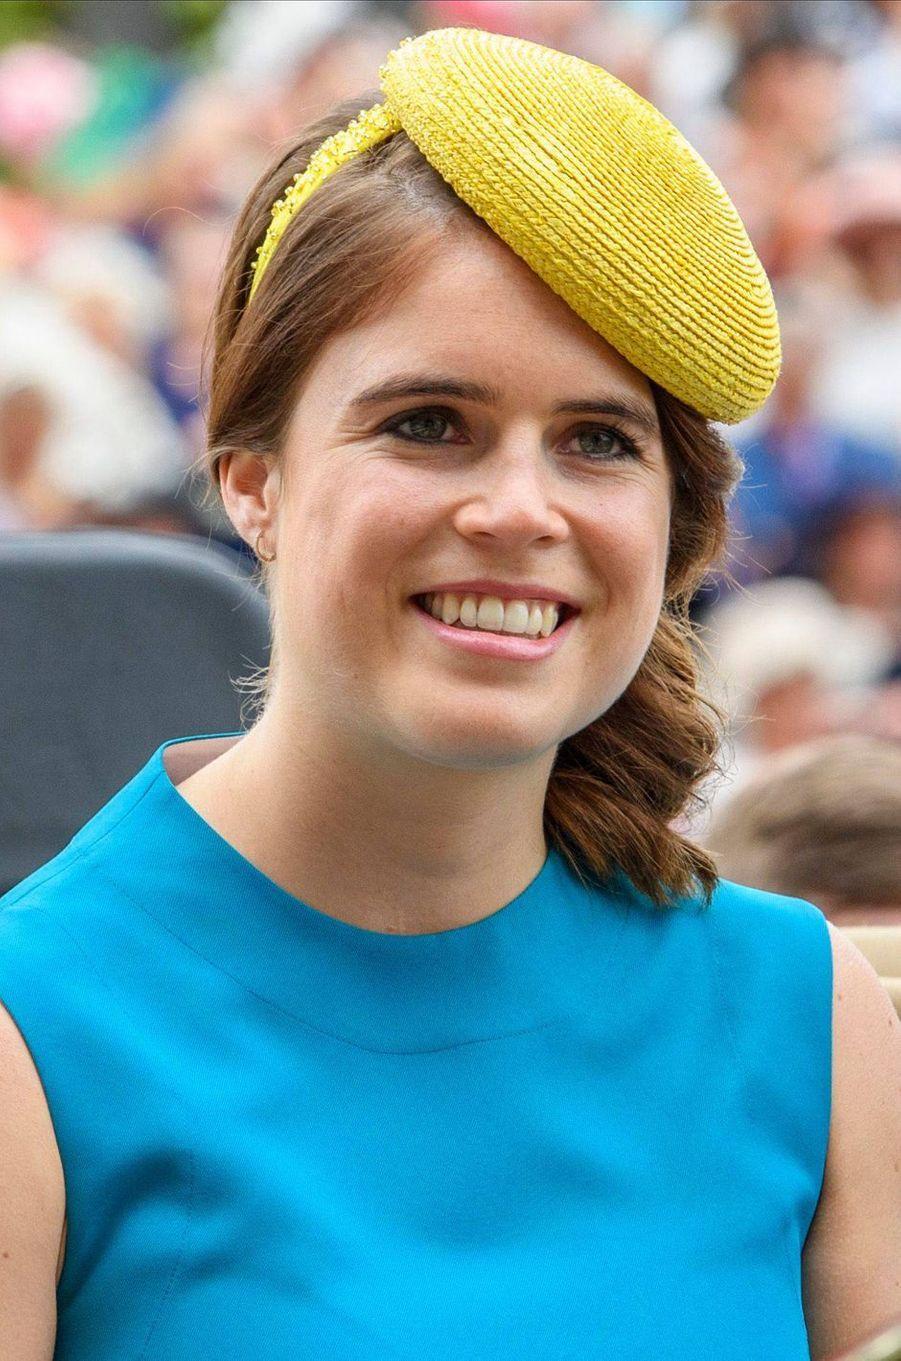 Le chapeau de la princesse Eugenie d'York au Royal Ascot, le 18 juin 2019